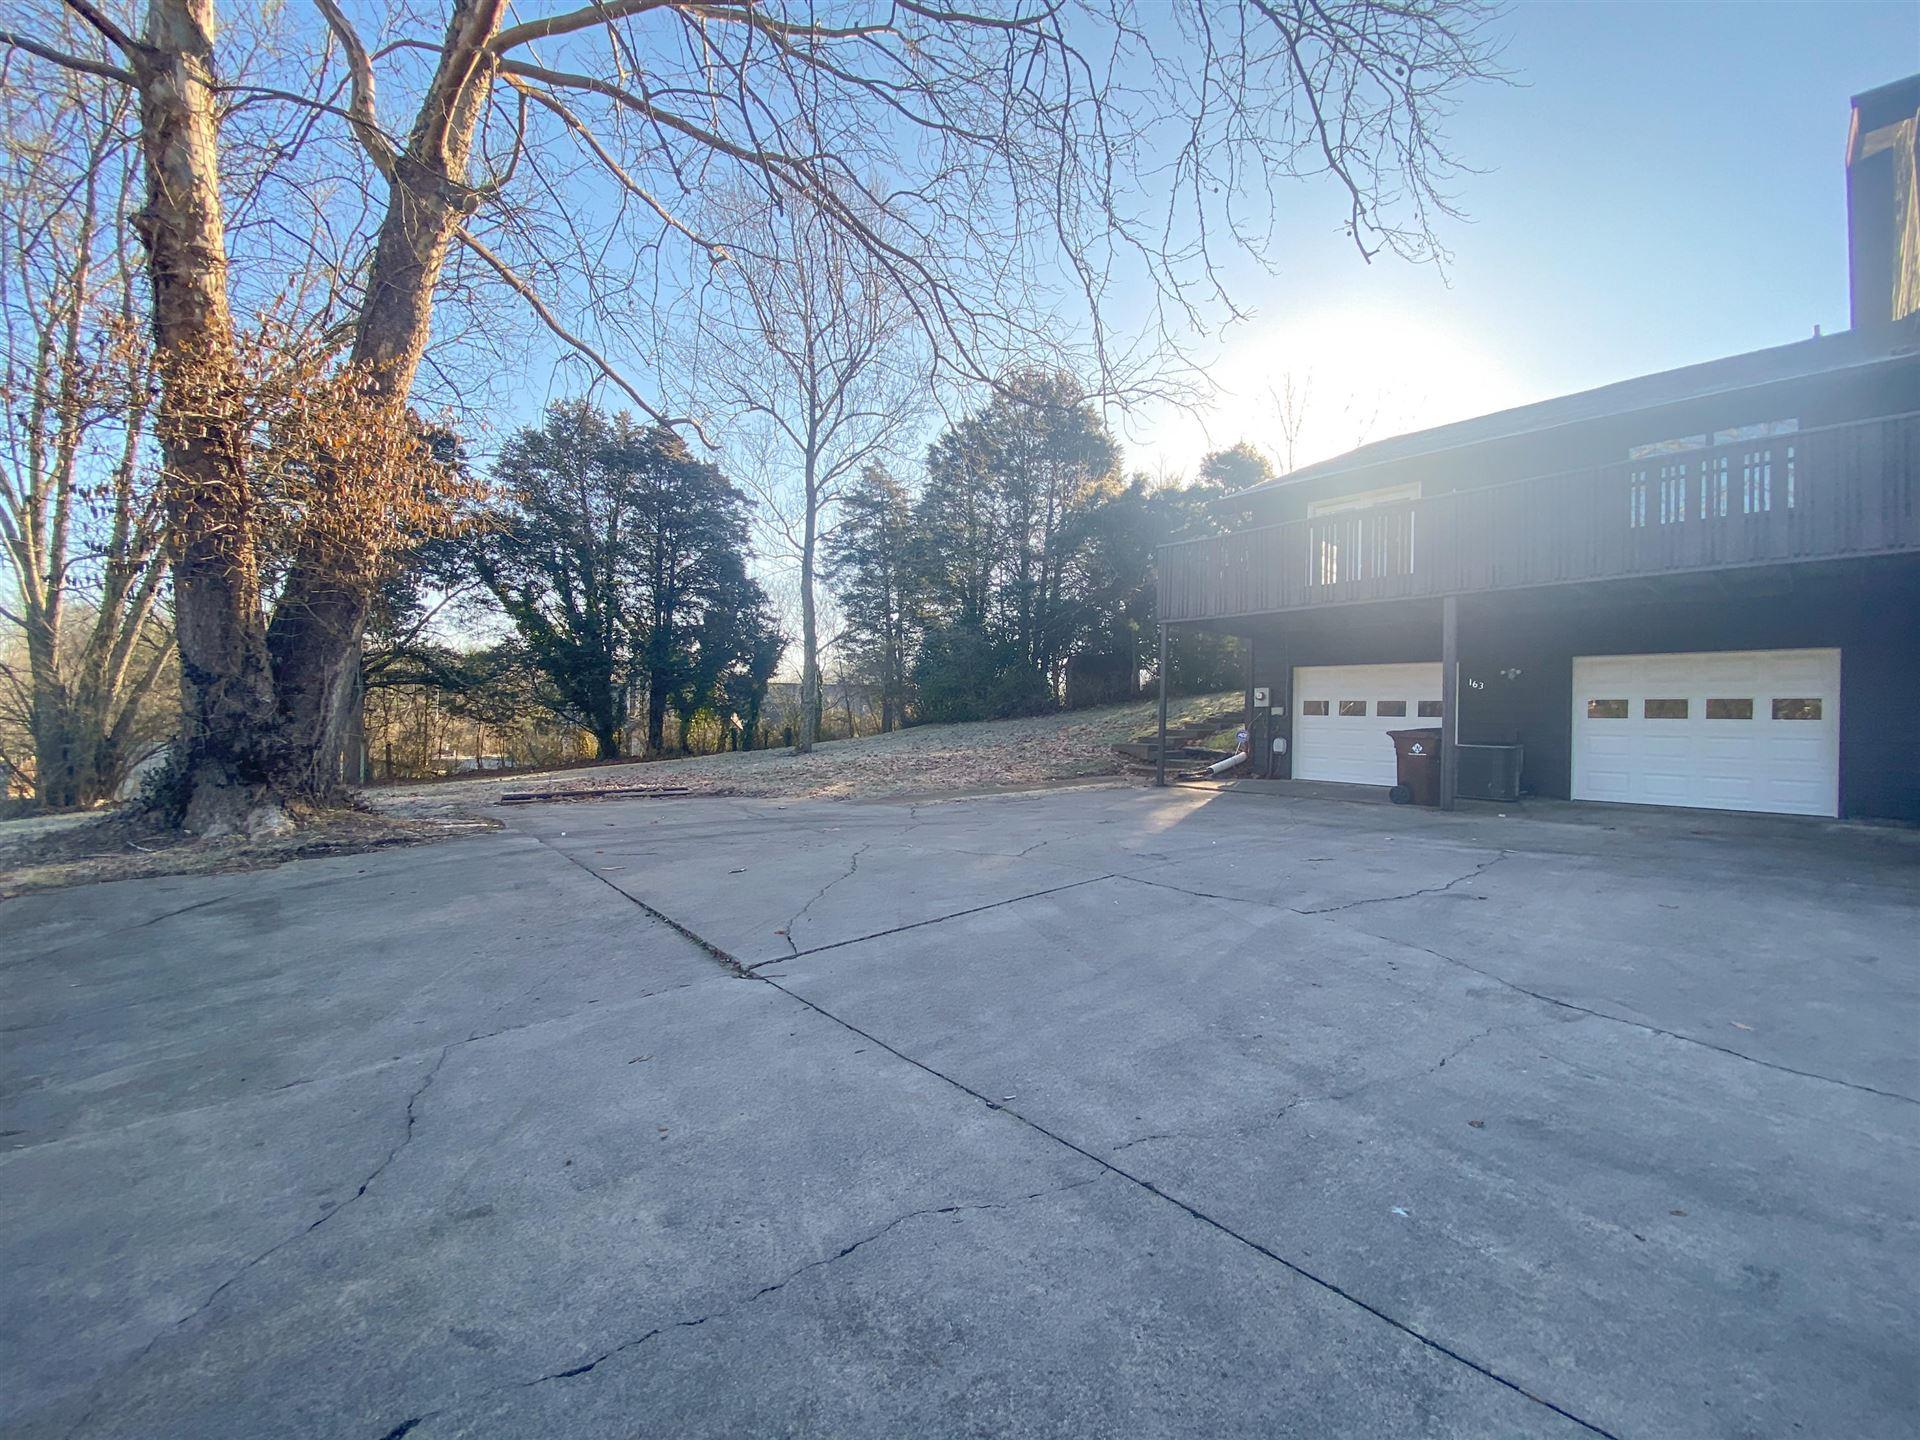 Photo of 163 Golfcrest Lane, Oak Ridge, TN 37830 (MLS # 1142331)